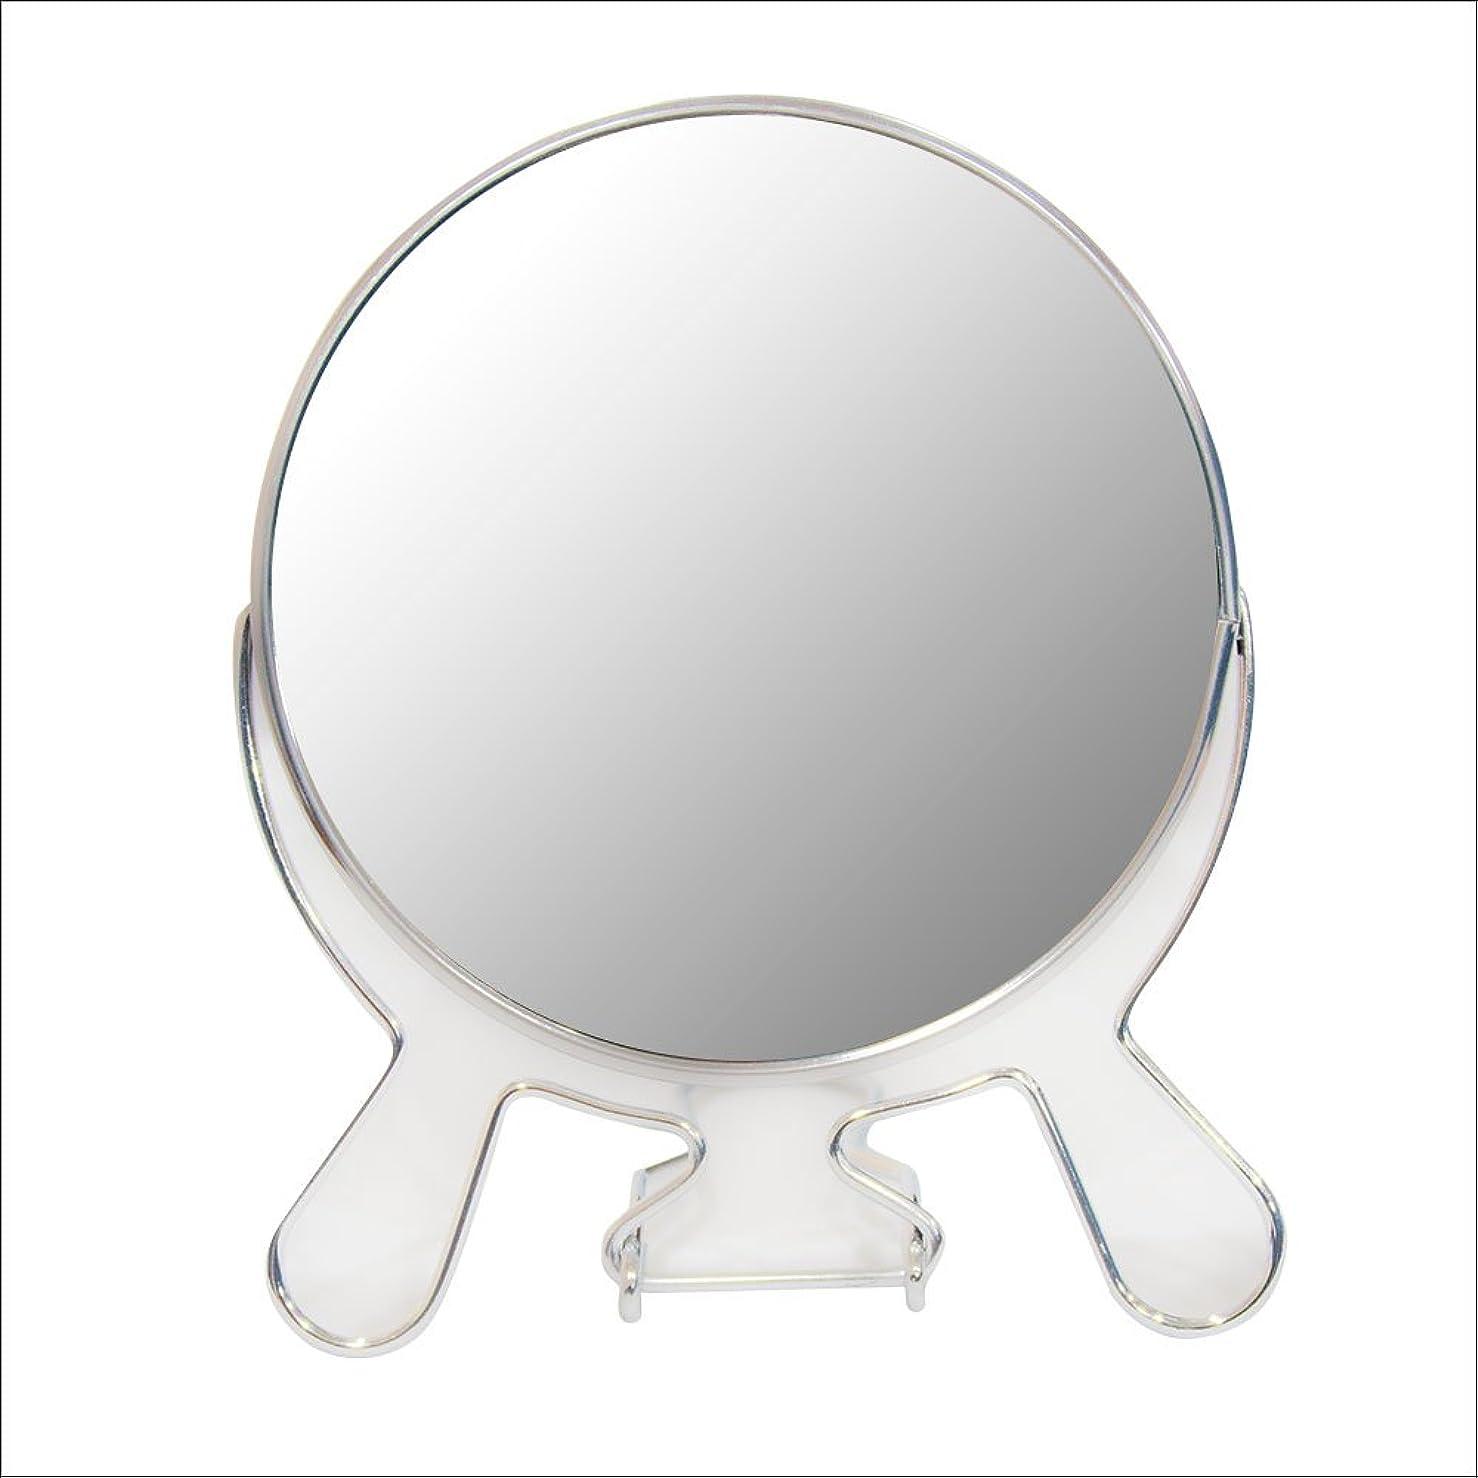 く略語モスク安住商事 円形折りたたみスタンドミラー 両面鏡 卓上鏡 メイク 化粧道具 コンパクト 360度回転 3倍拡大鏡